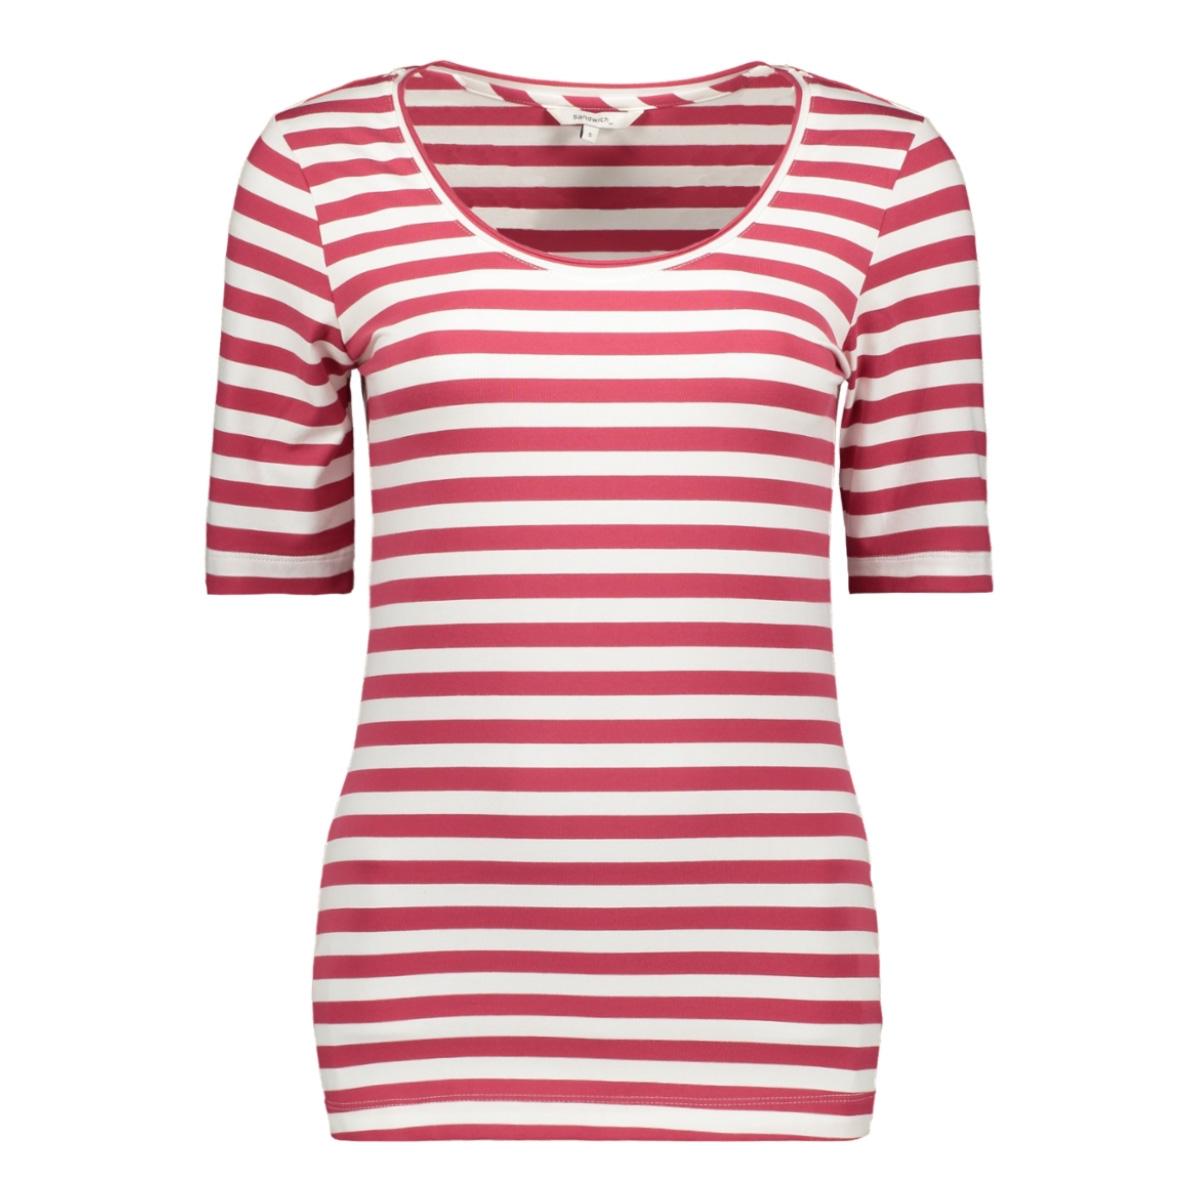 t shirt met streep design 21101479 sandwich t-shirt 20160